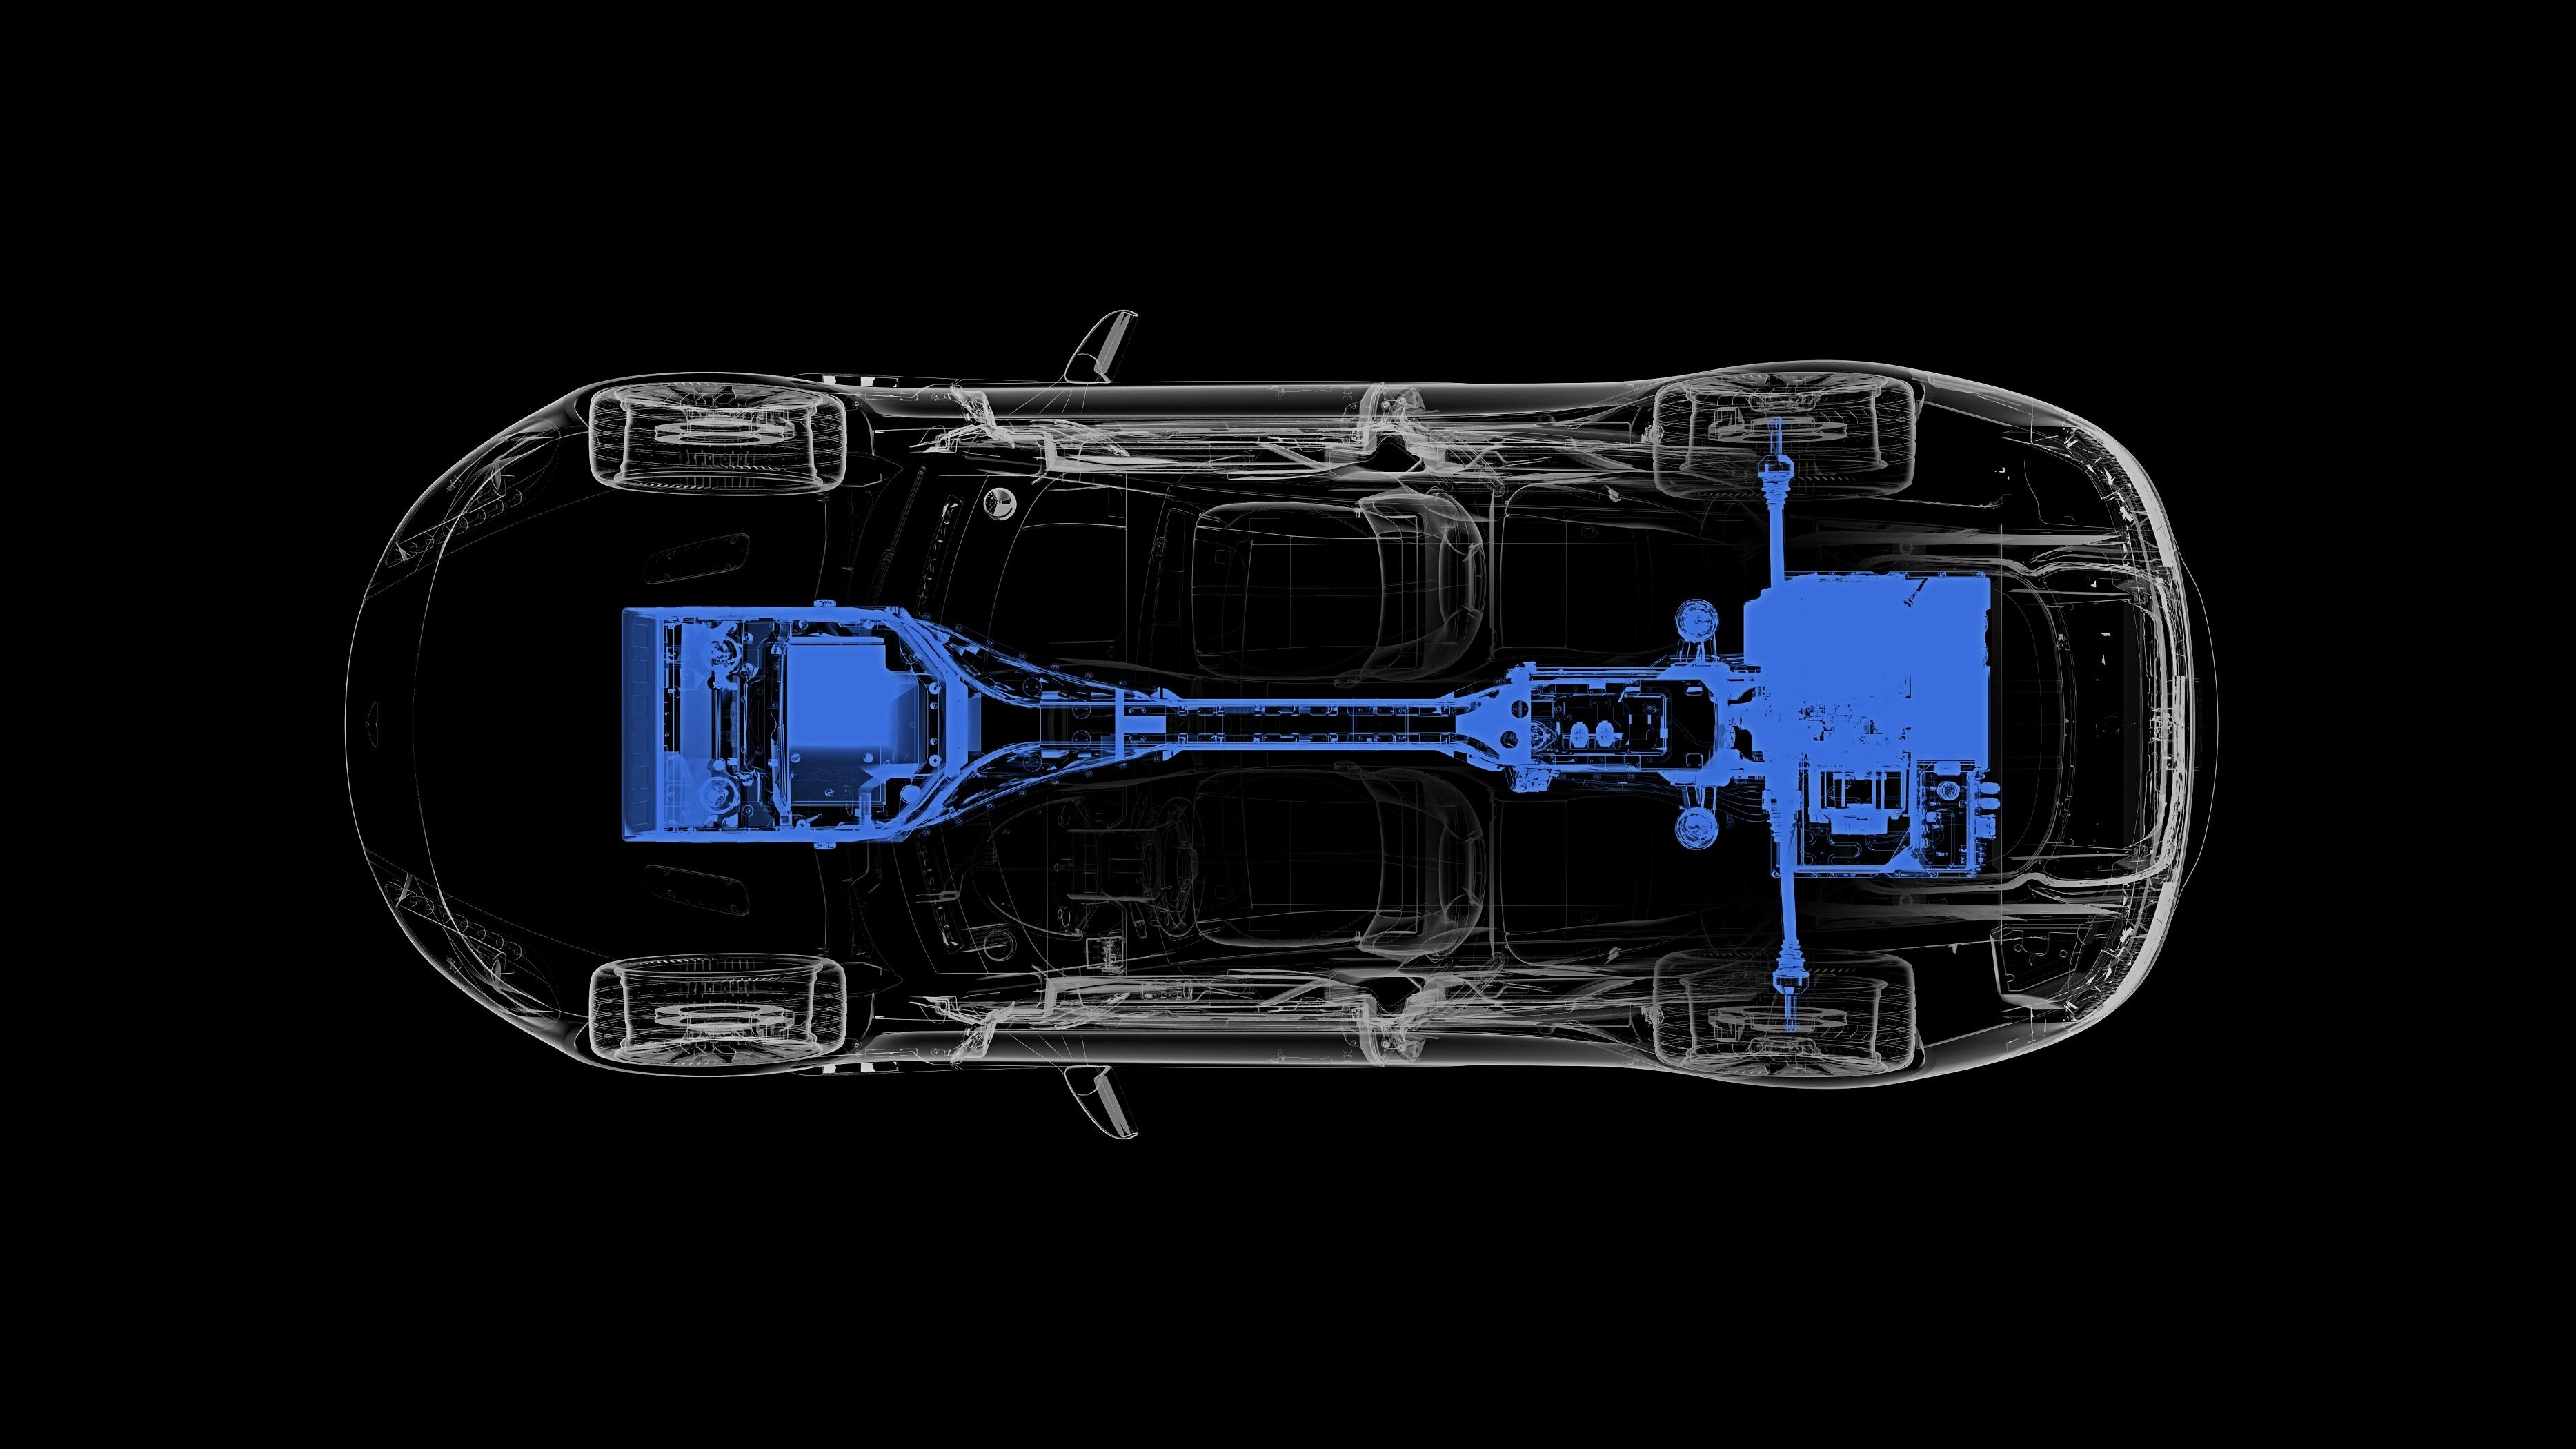 Pirelli Bags OE Fitment for Aston Martin Rapide E